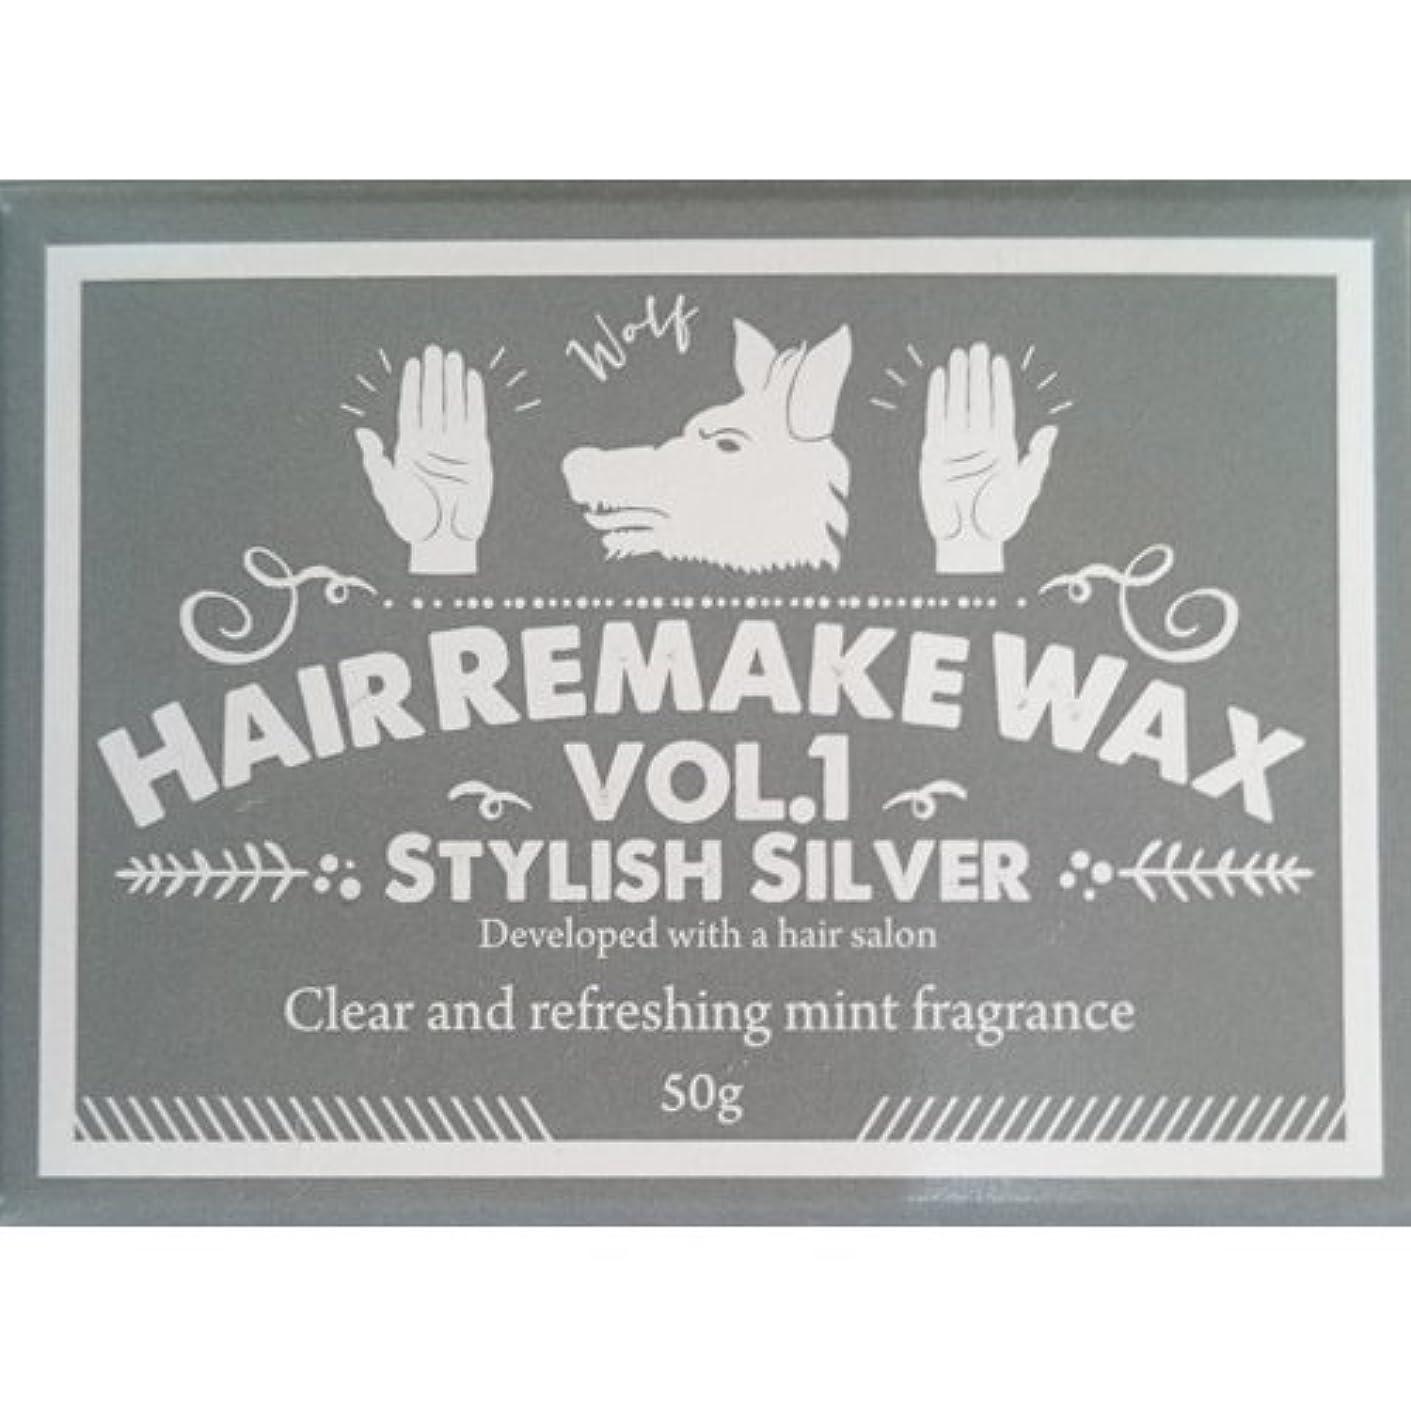 チャンスより多い警告するHair Remake(ヘアーリメイク)WAX Vol.1 スタイリッシュシルバー 50g